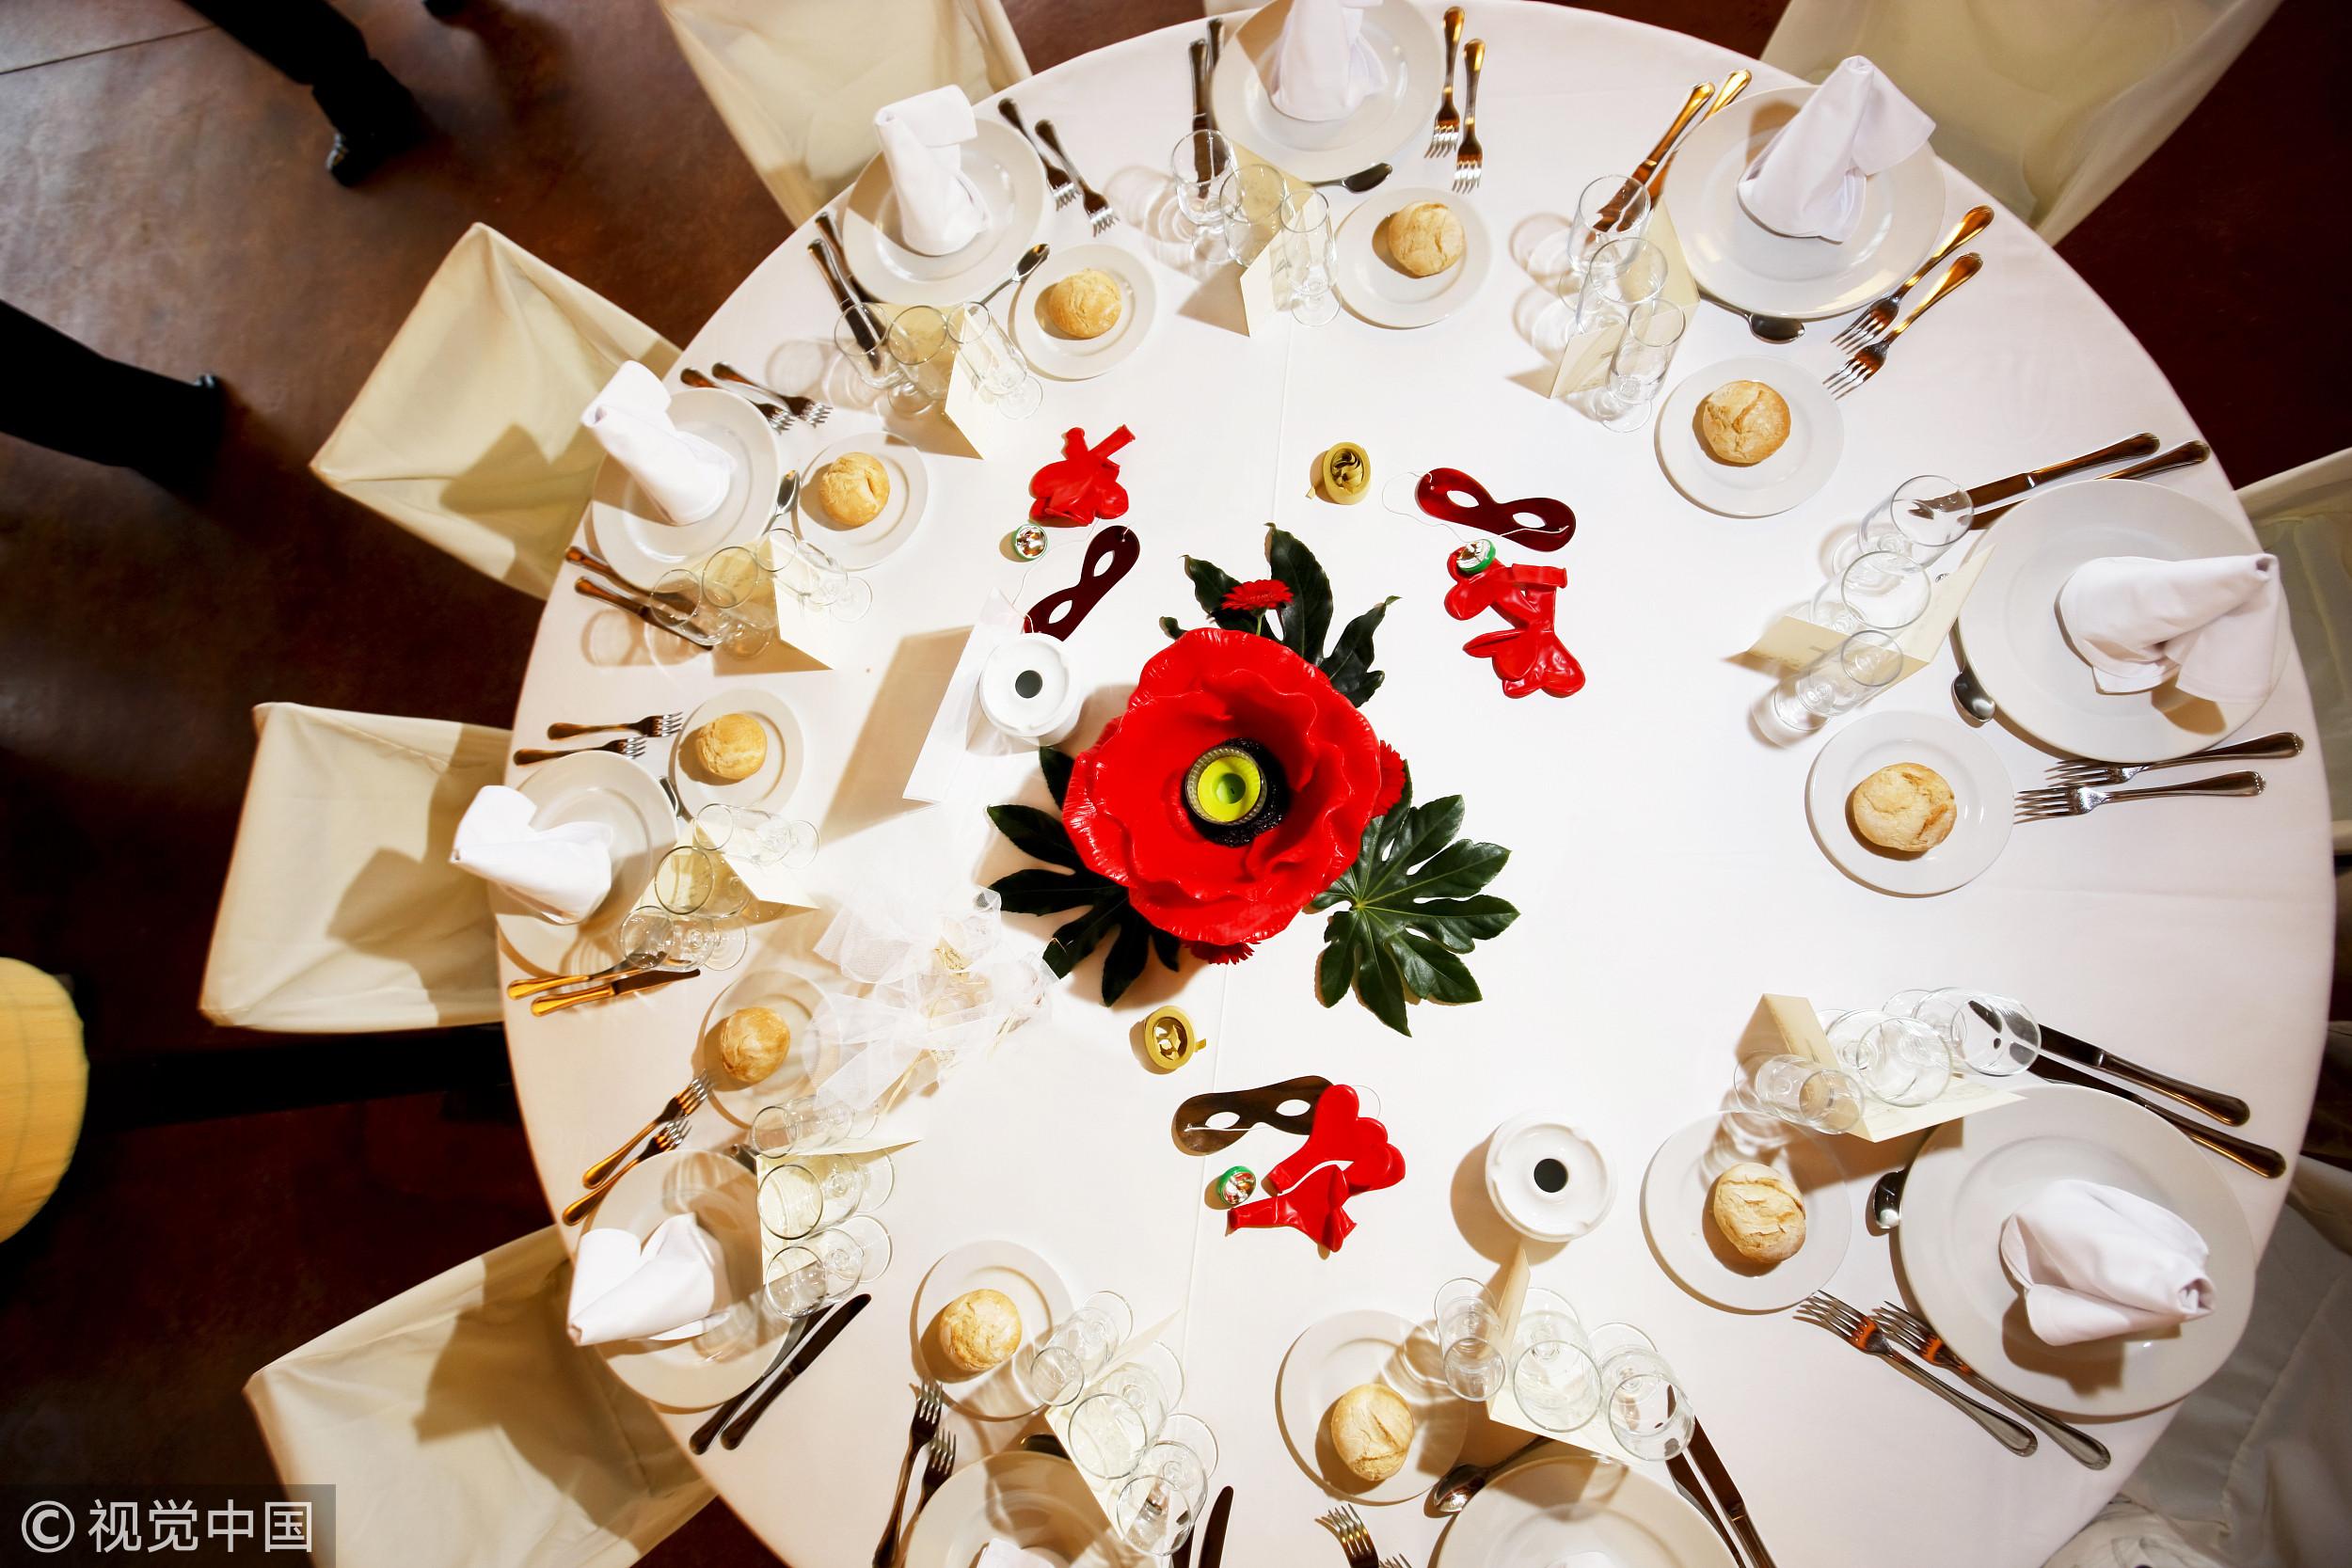 ▲喜宴,婚宴,晚宴,尾牙,聚餐,派對,party。(圖/CFP)